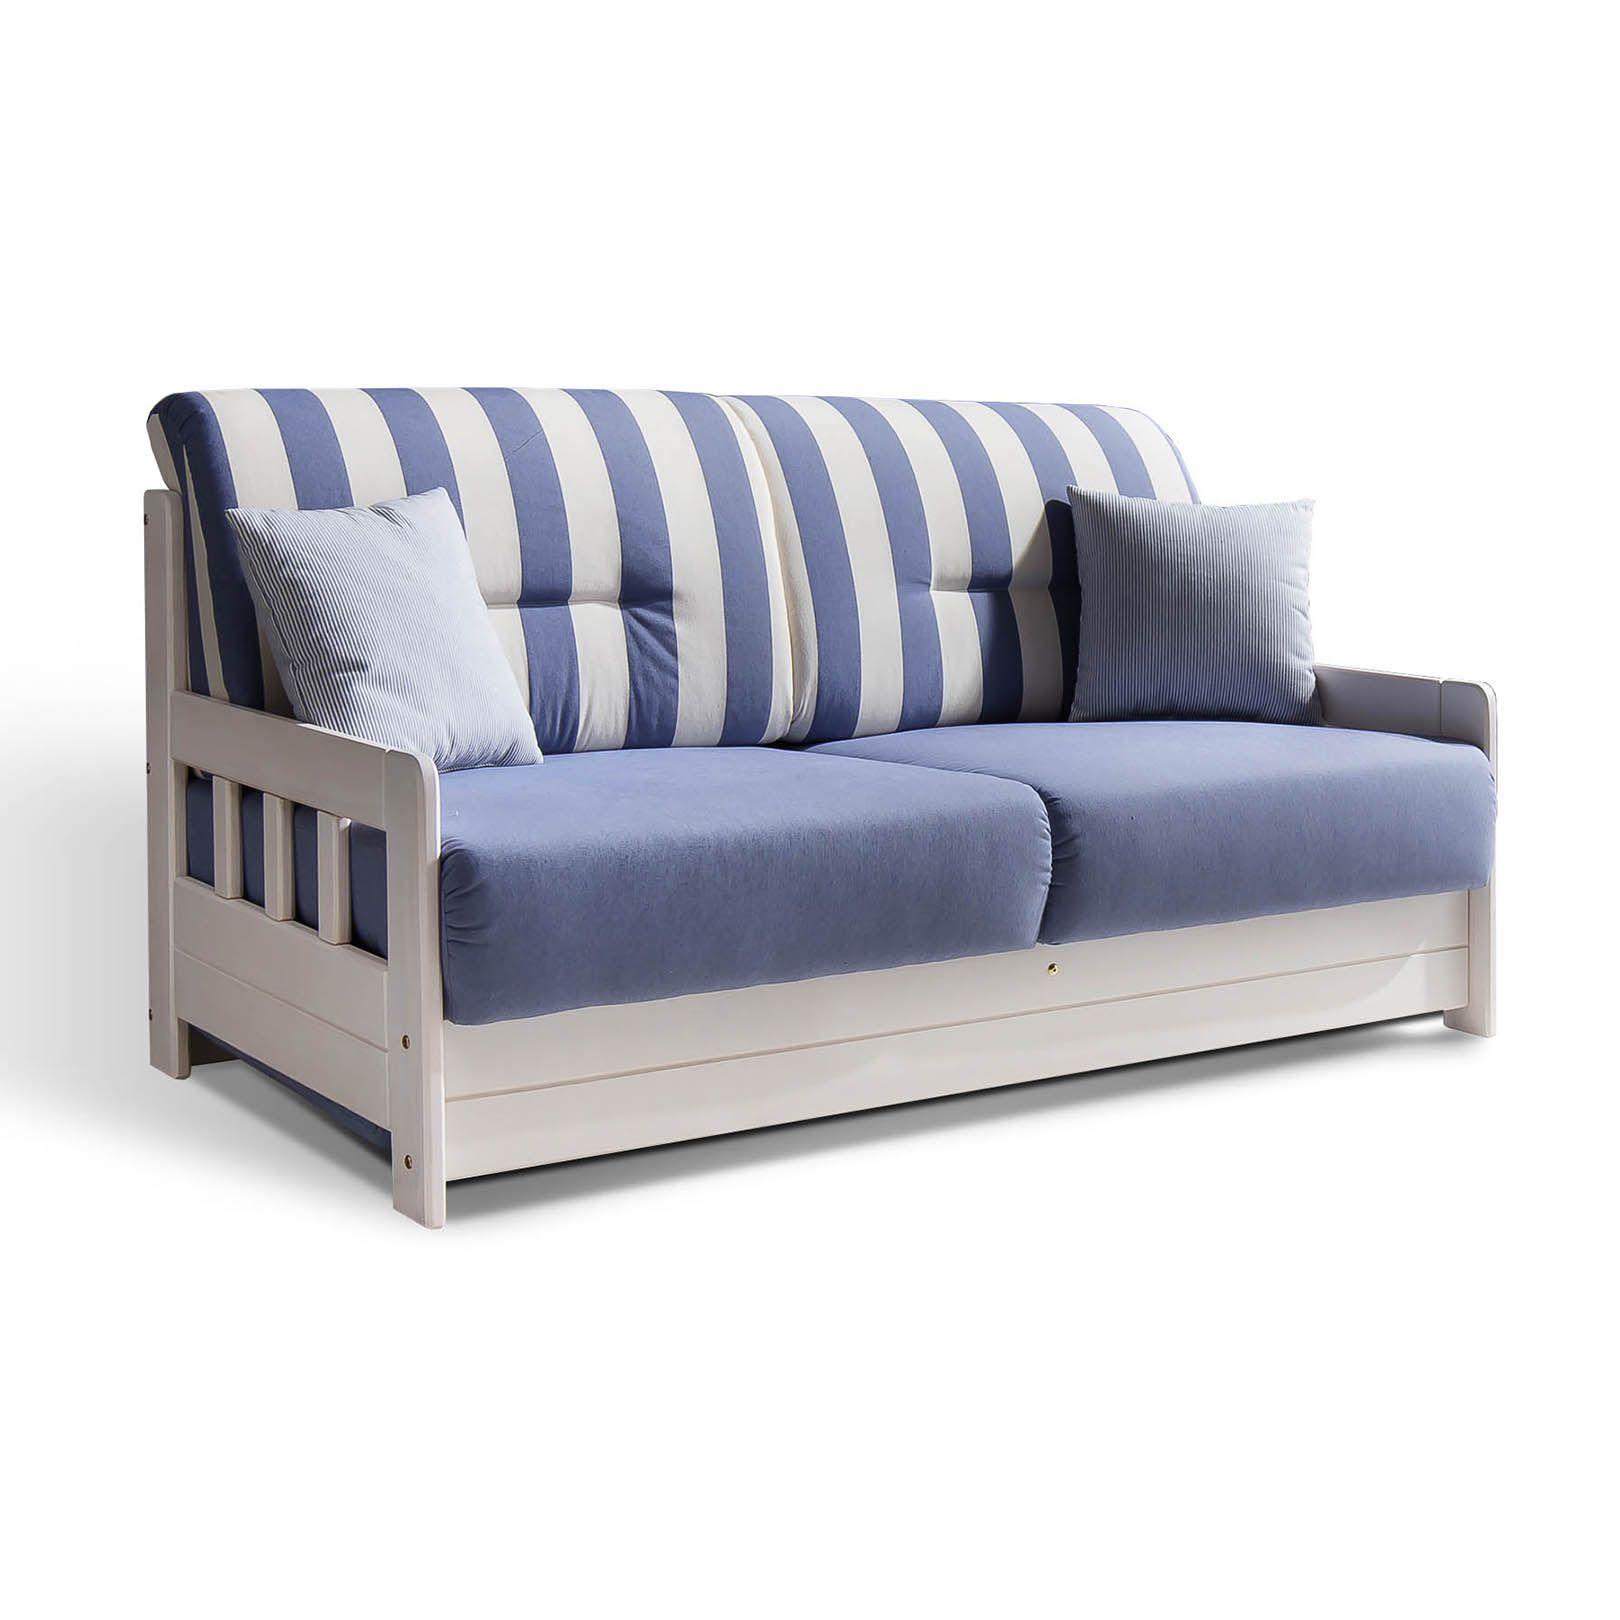 2 Sitzer Sofa Mit Schlaffunktion 2